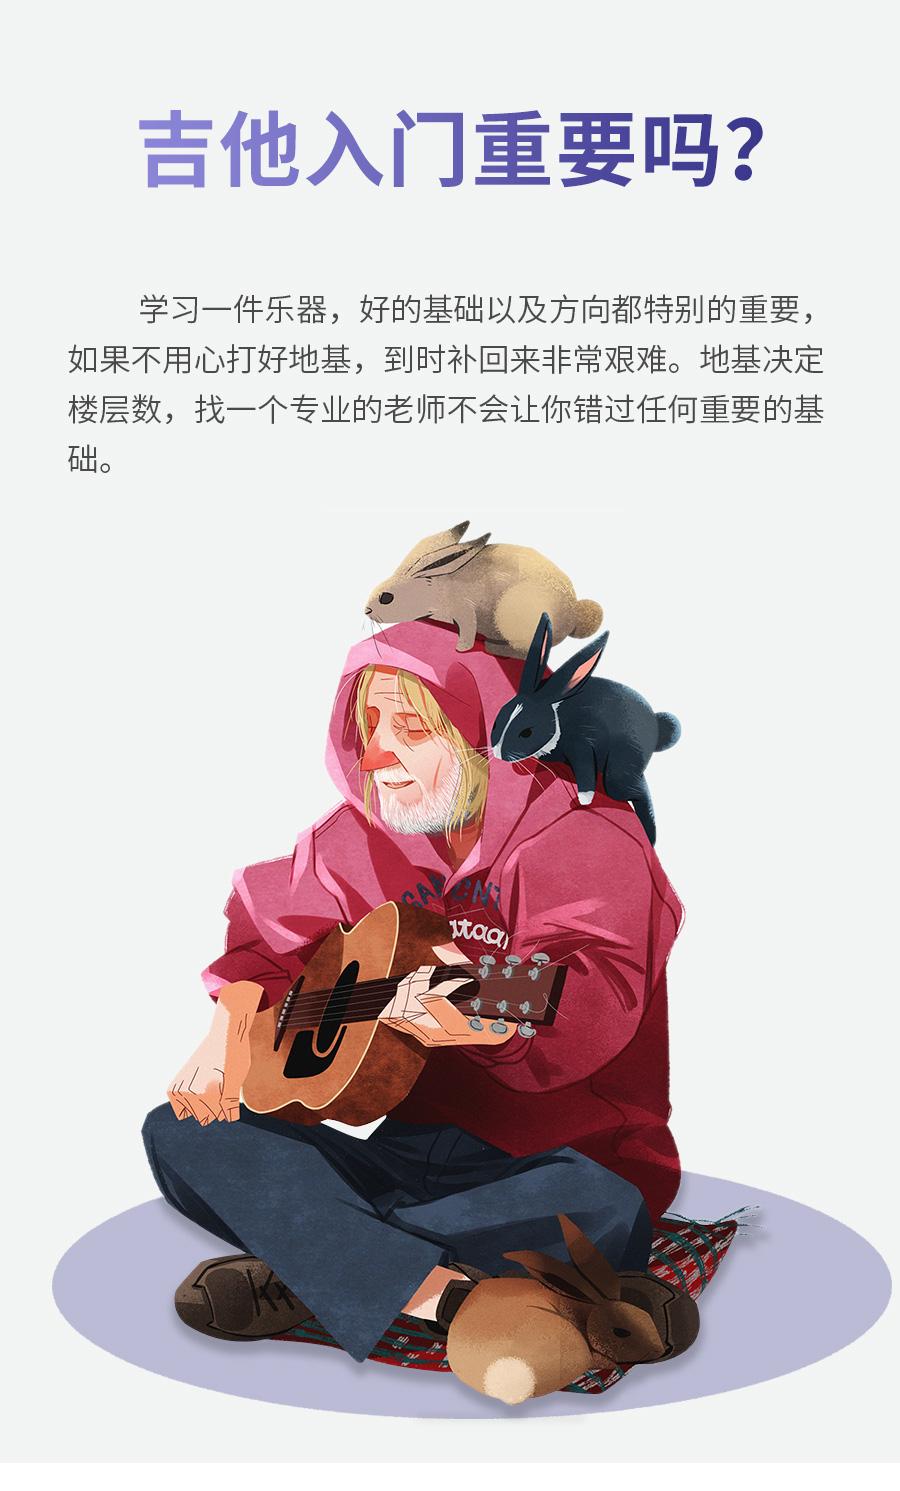 吉他入门班详情_01.jpg